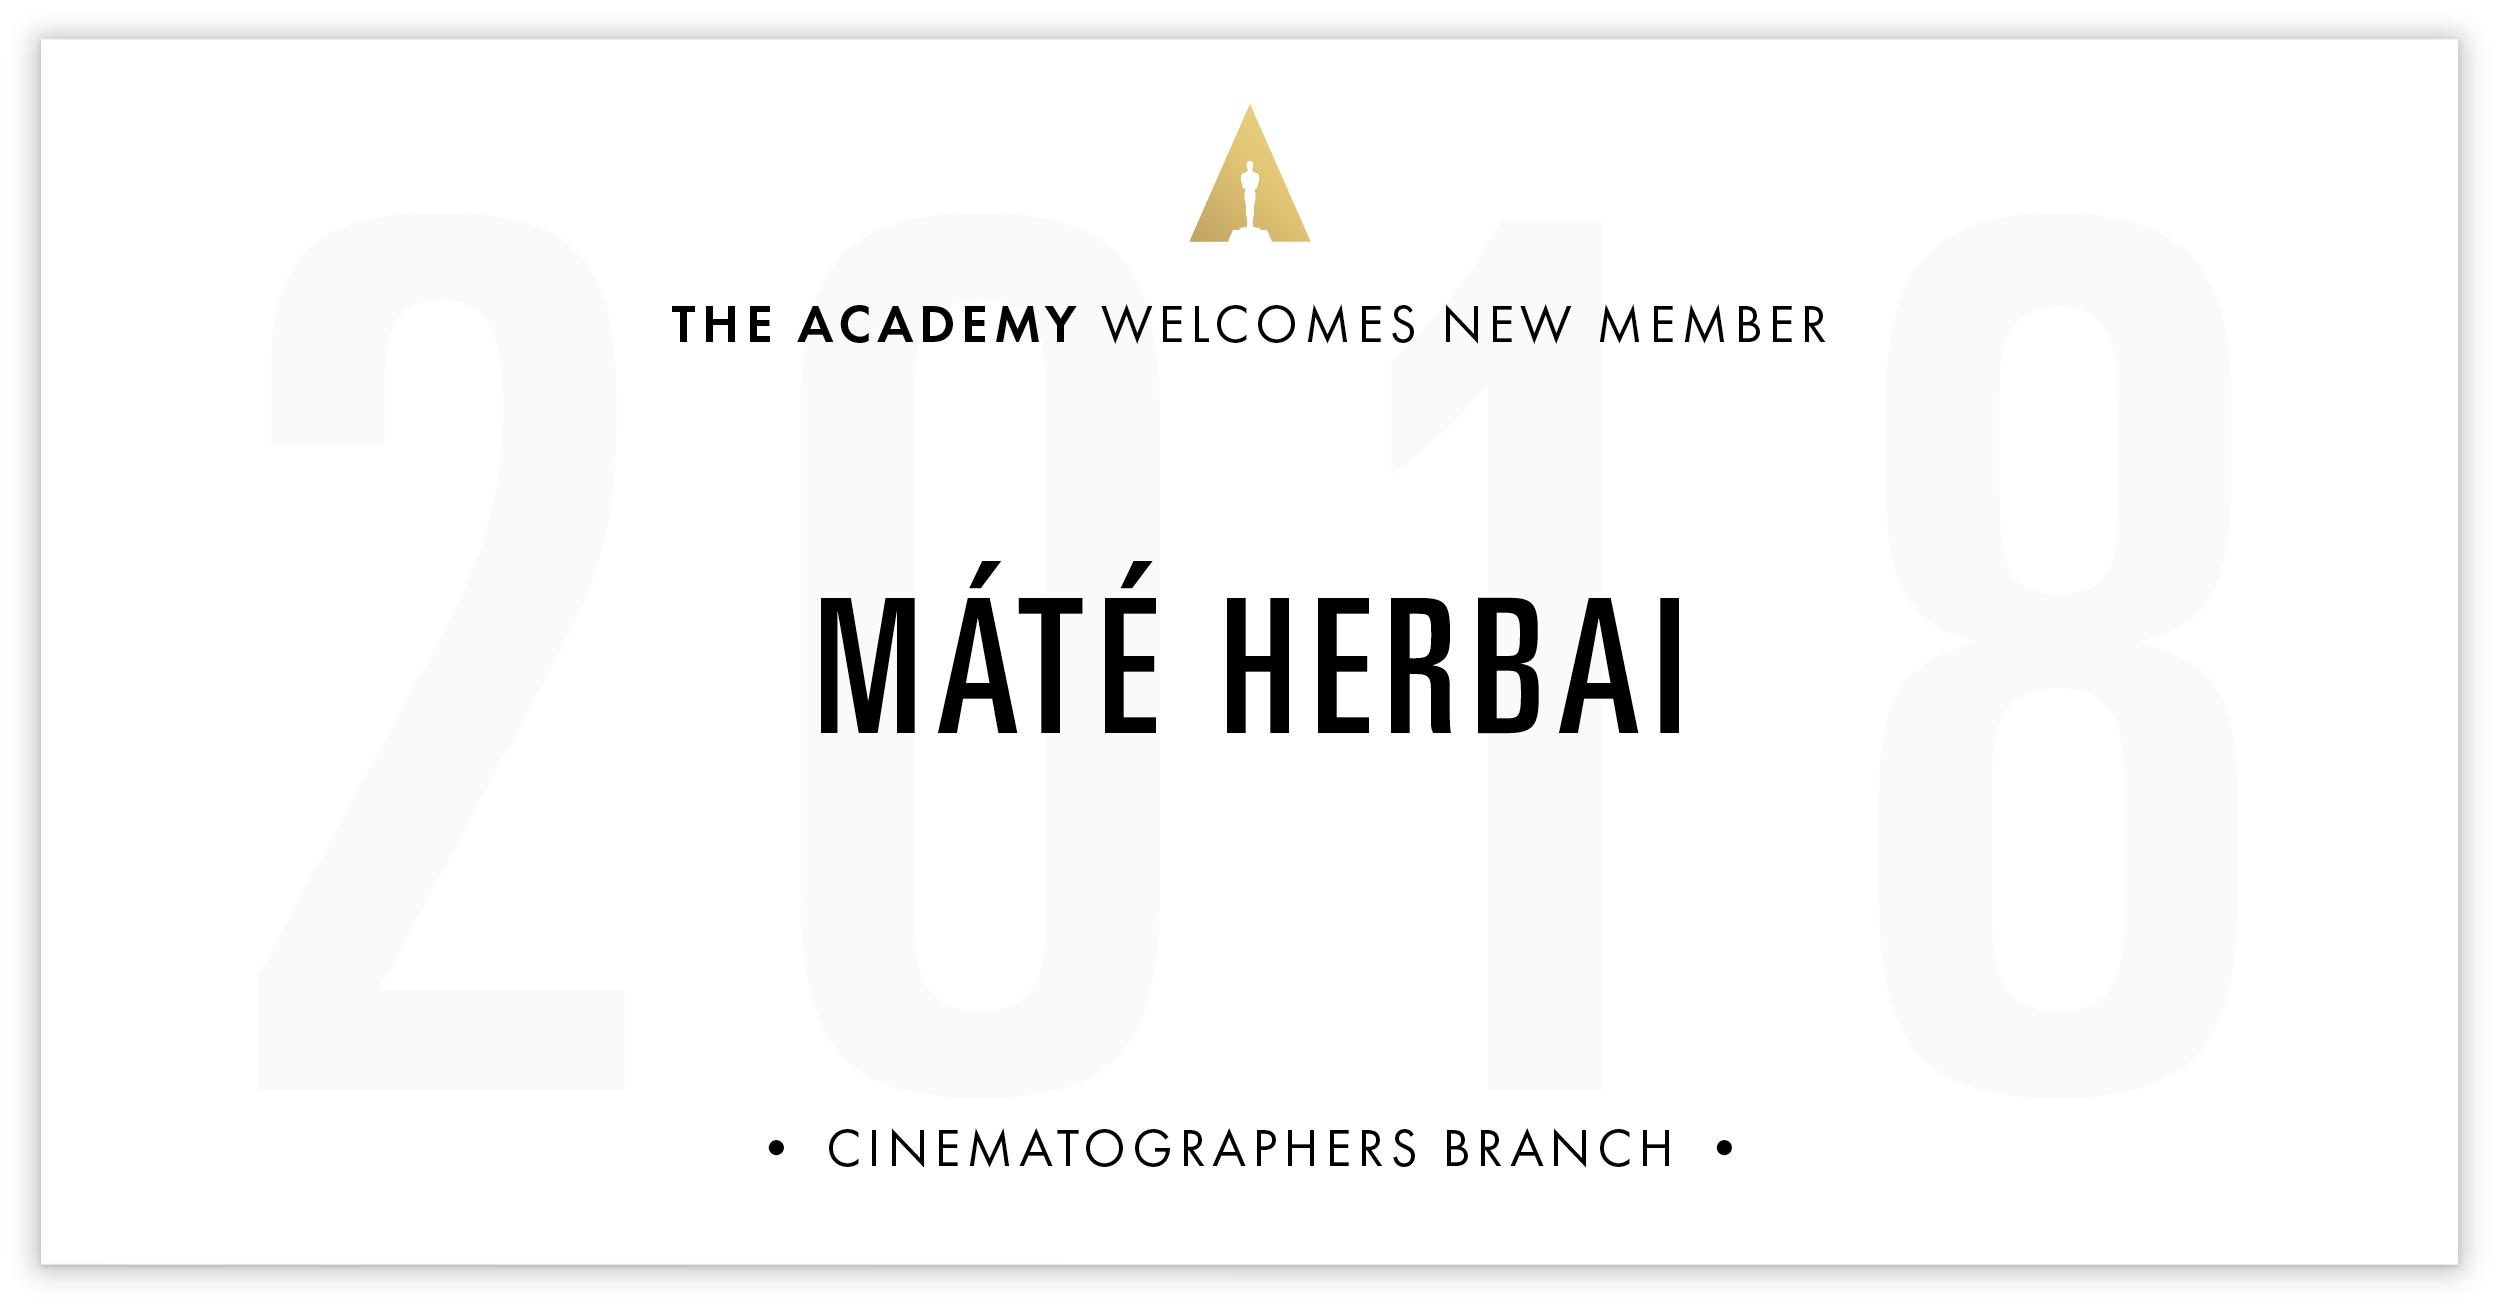 Máté Herbai is invited!